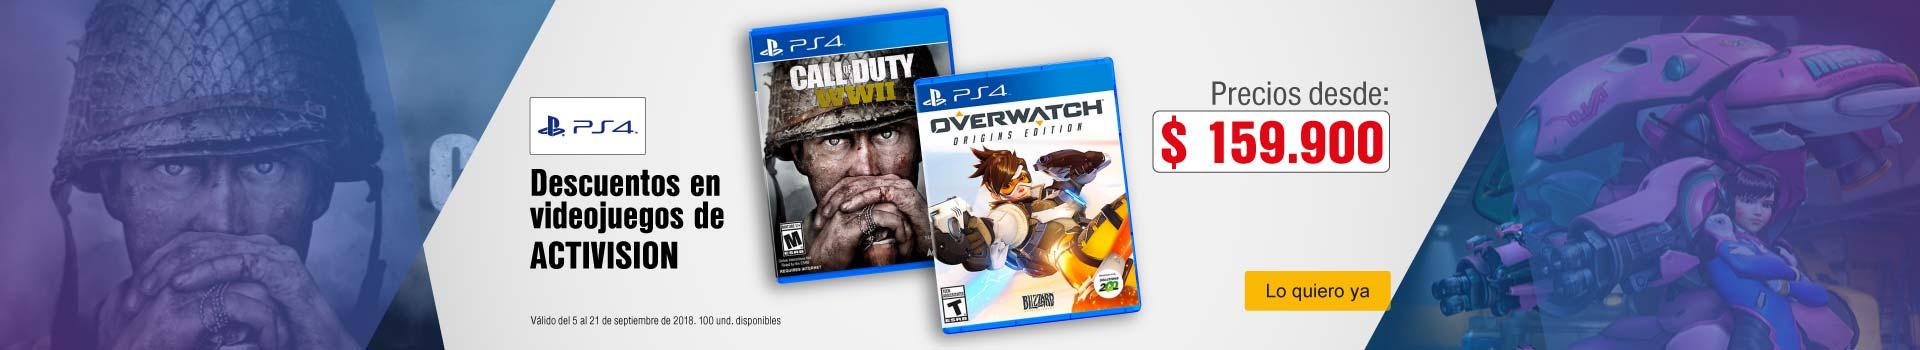 AK-KT-BCAT-1-videojuegos-PP---Activision-juegos-Sep8